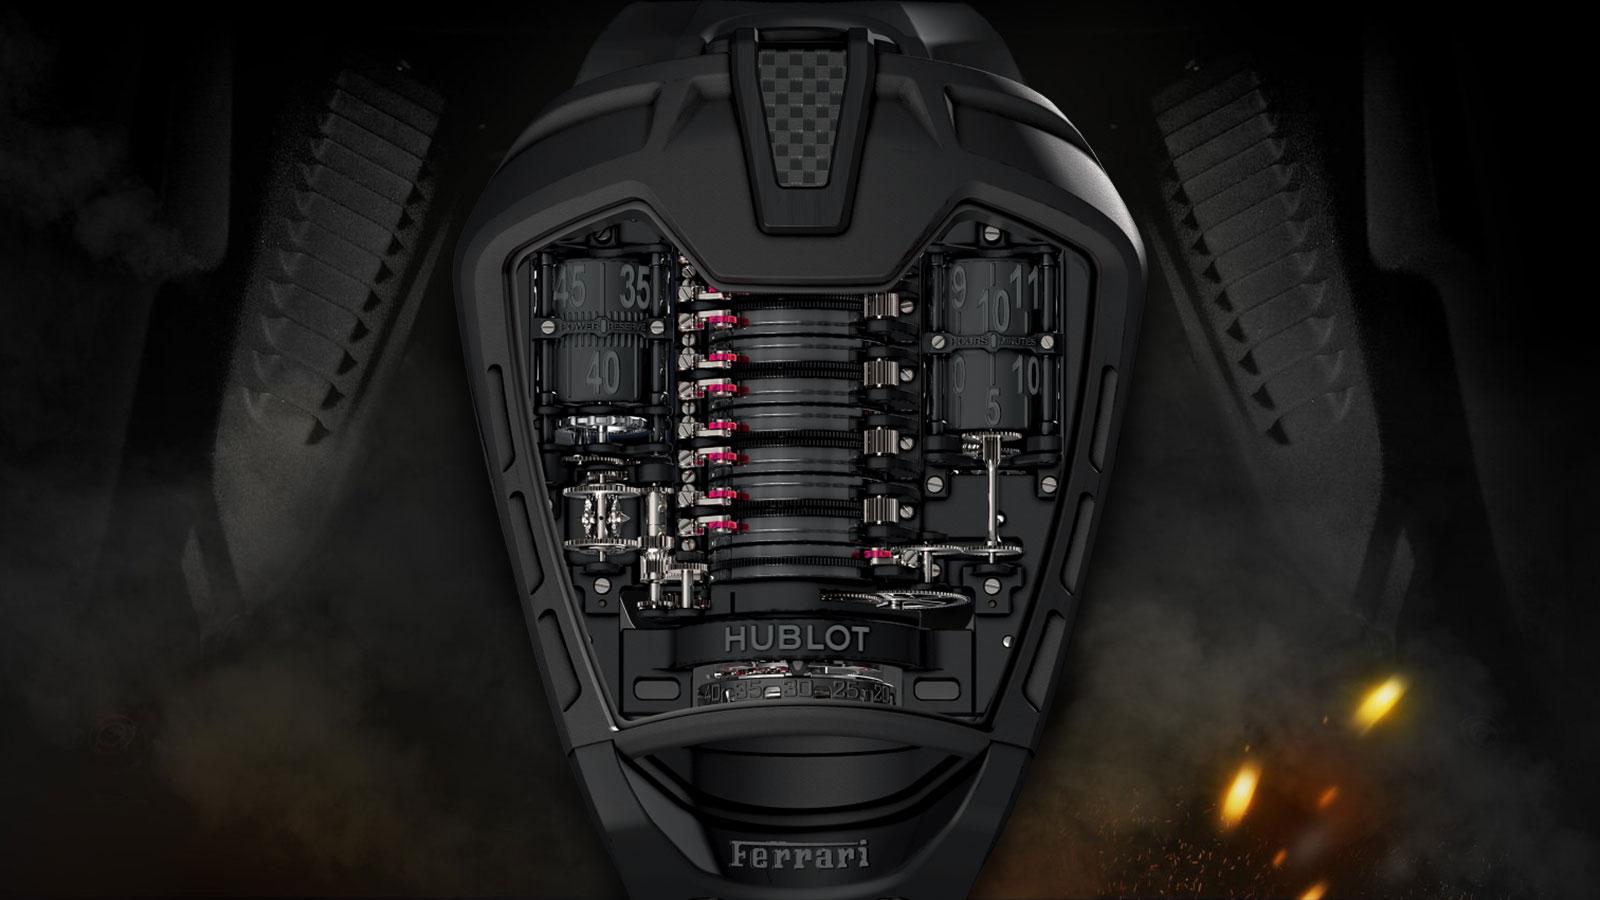 Hublot MP-05 Laferrari All Black Men's Watch | futuristic watches for men